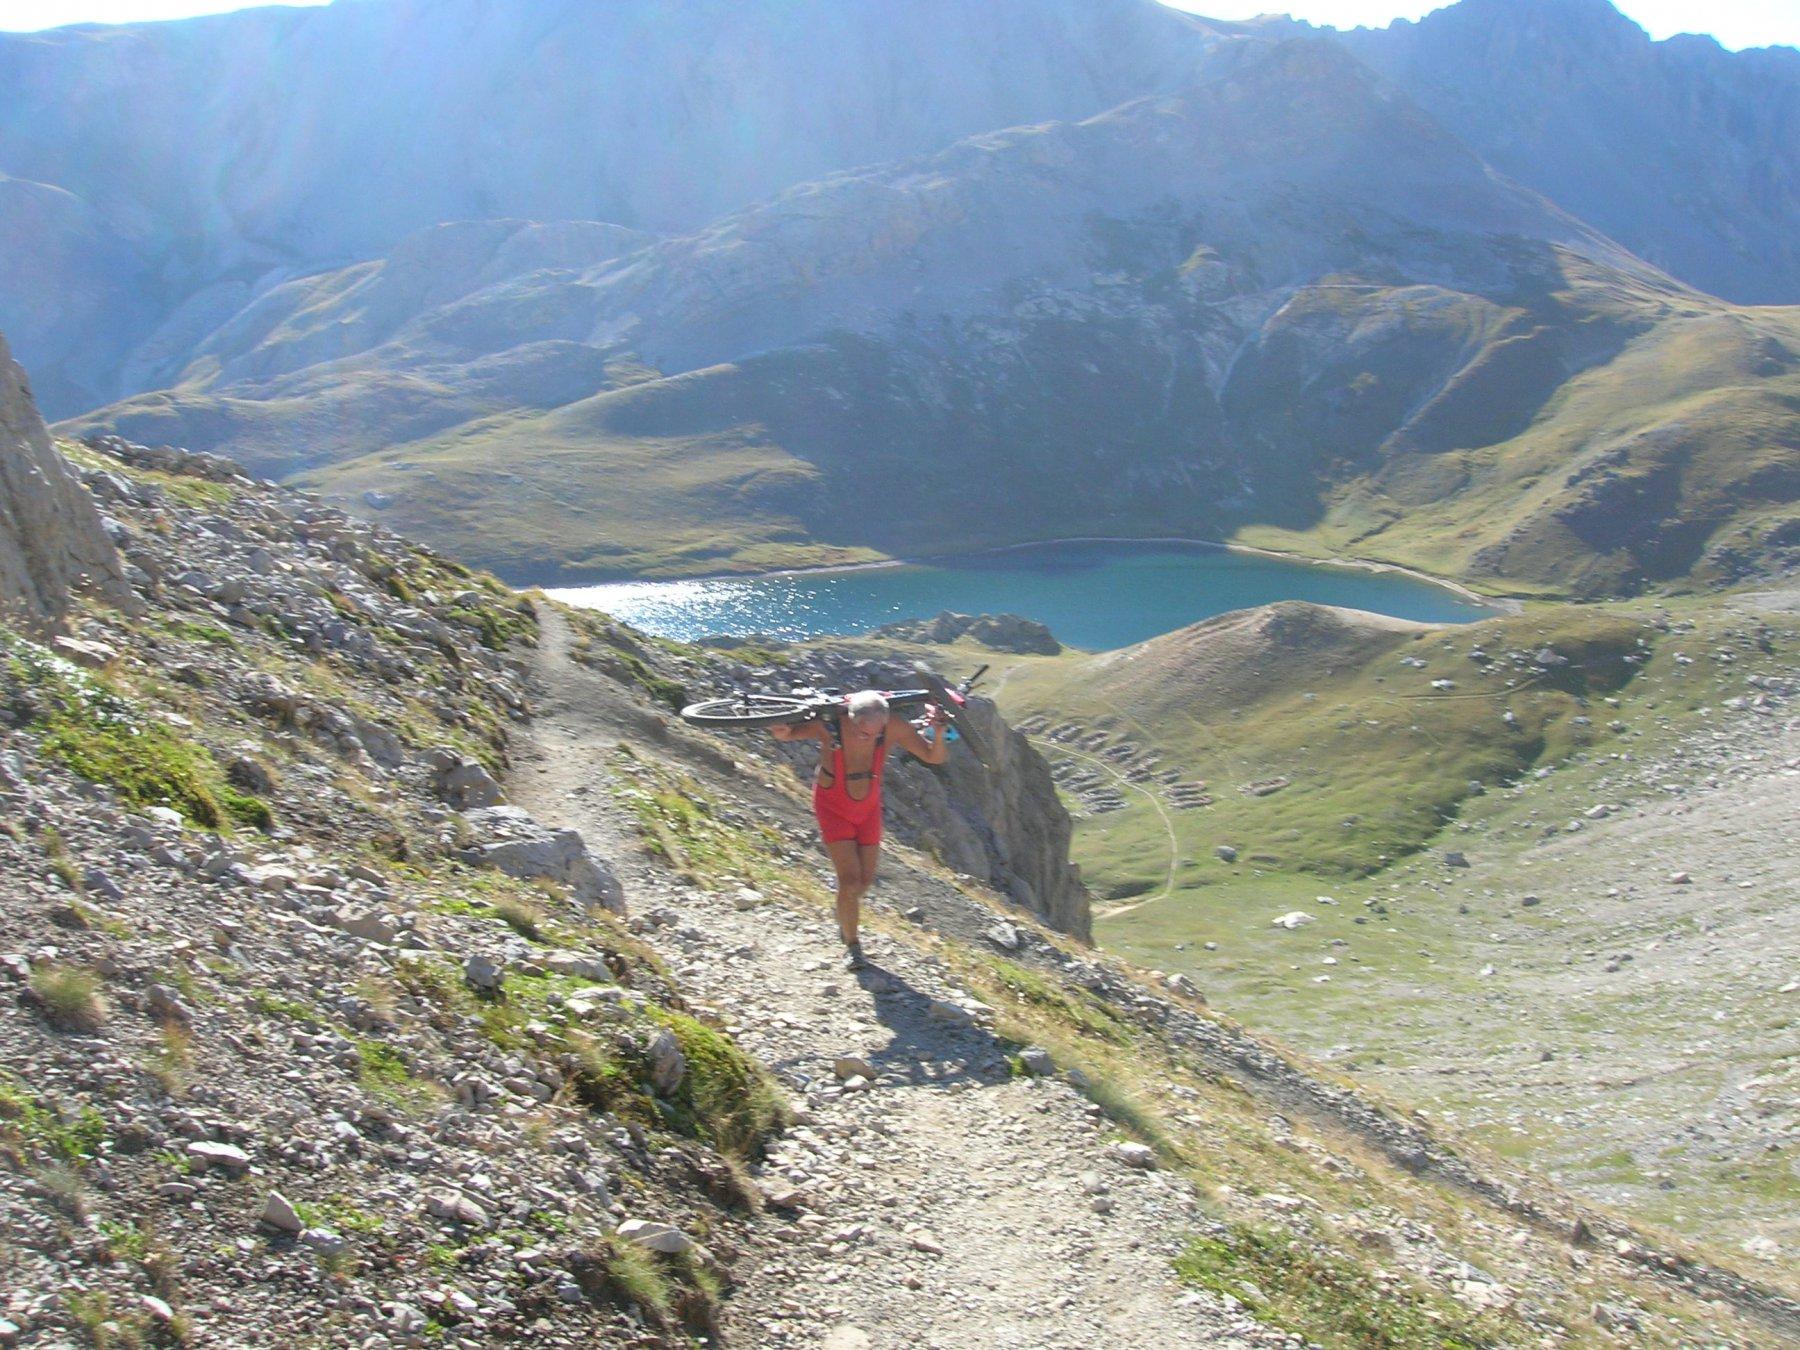 Risalita al Colle della Scaletta con sullo sfondo il lago superiore di Roburent